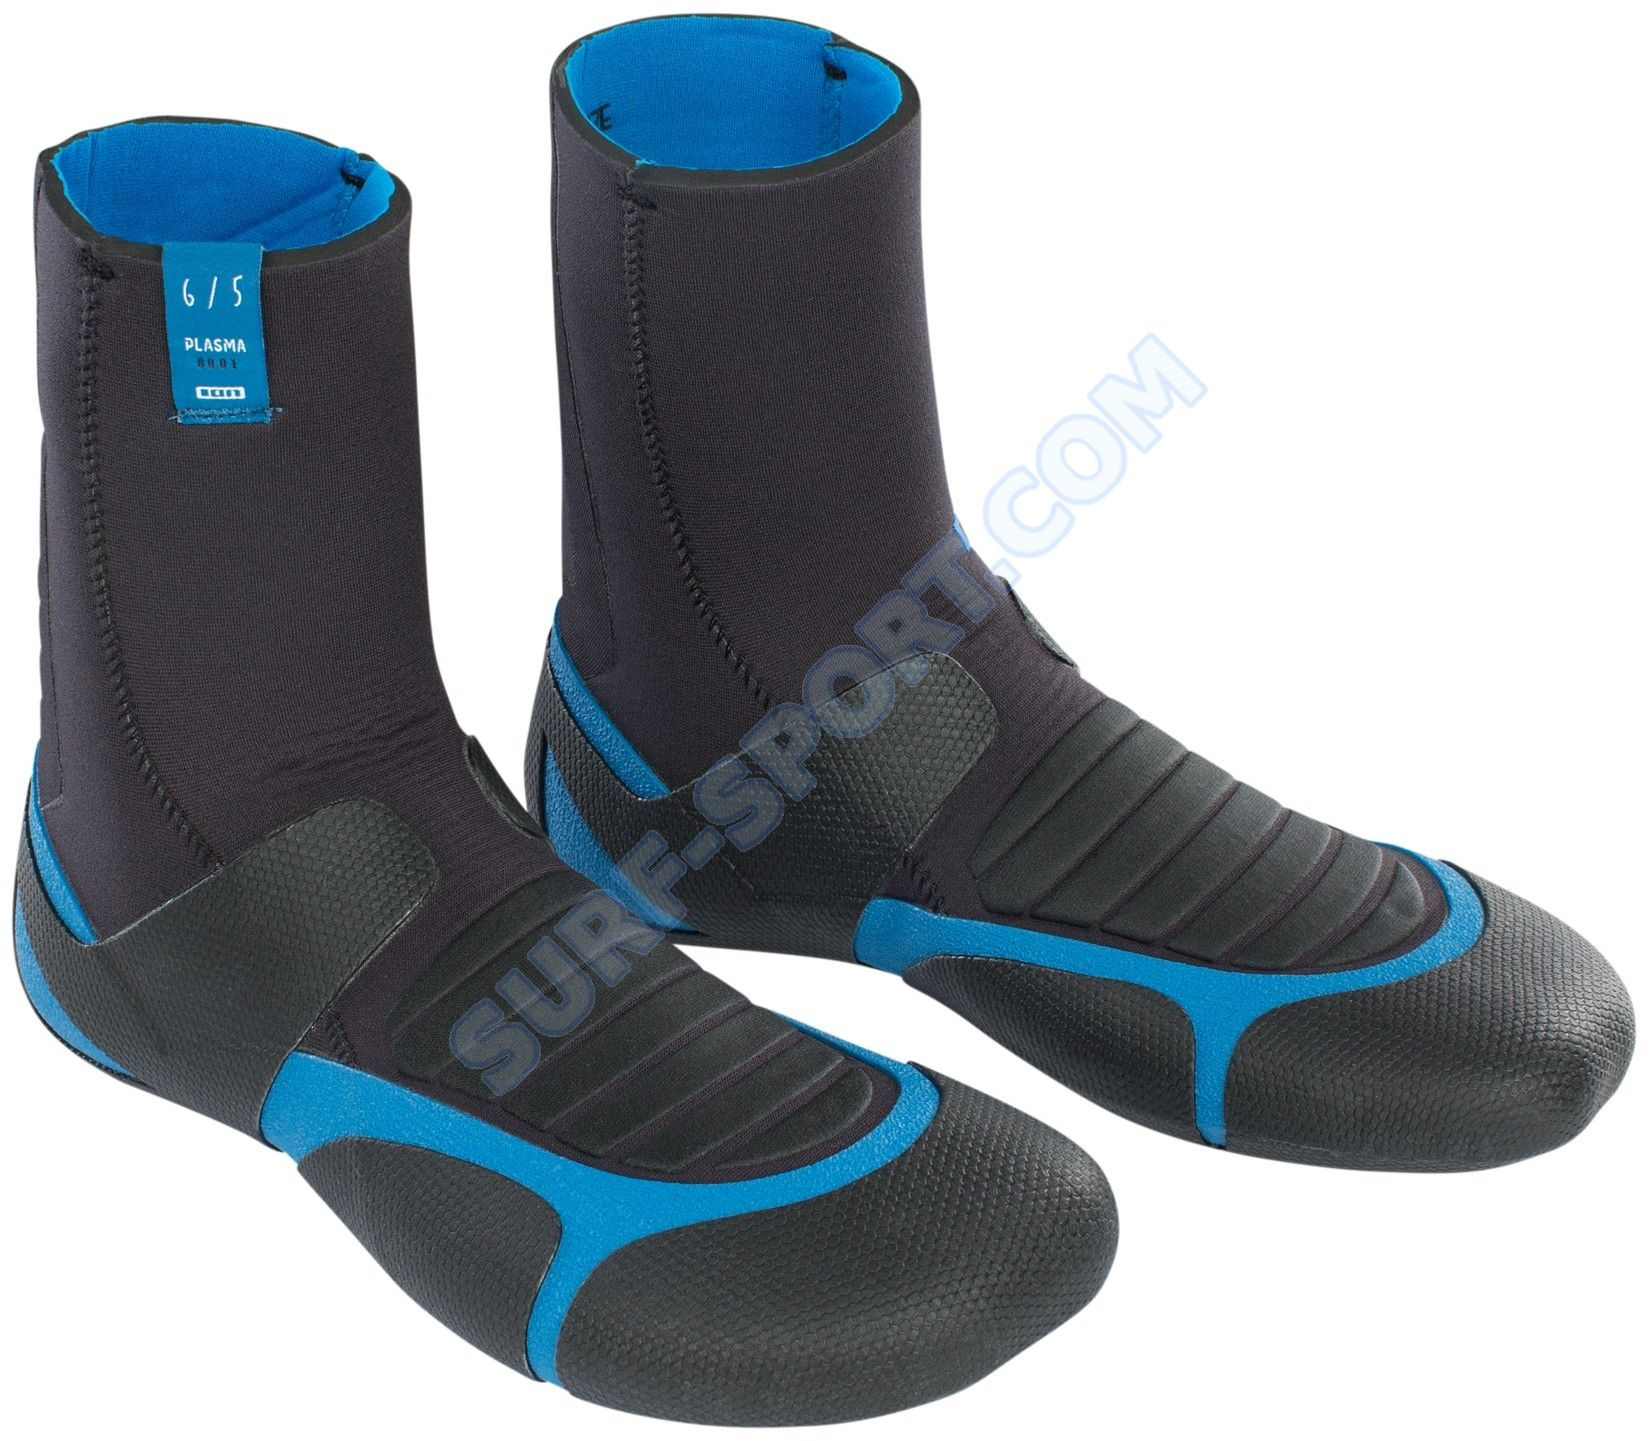 Buty Neoprenowe Wysokie ION Plasma Boots 6/5 2020 Black/Blue